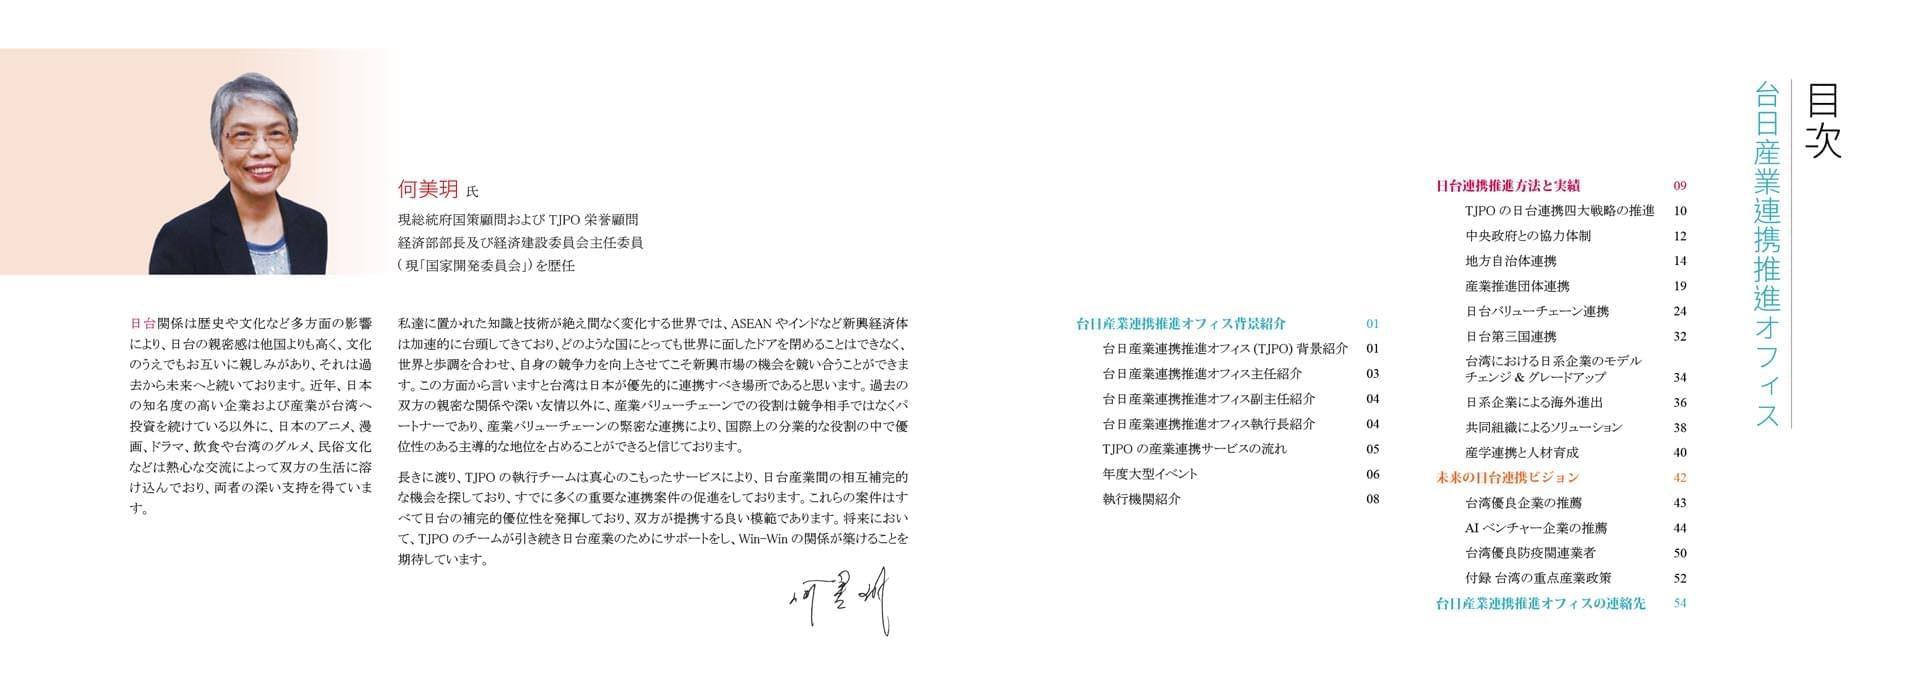 台日型錄-日文版60頁-第二次修改07022